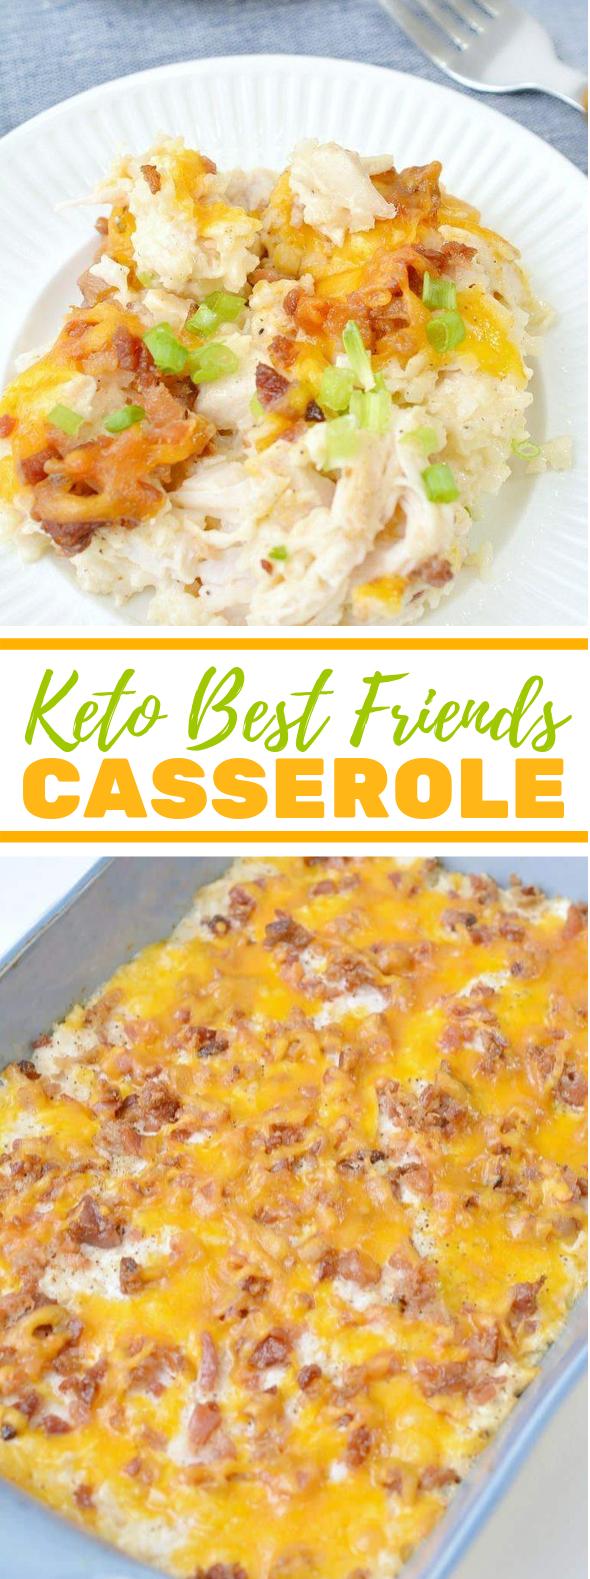 KETO BEST FRIENDS CASSEROLE #healthy #lowcarb